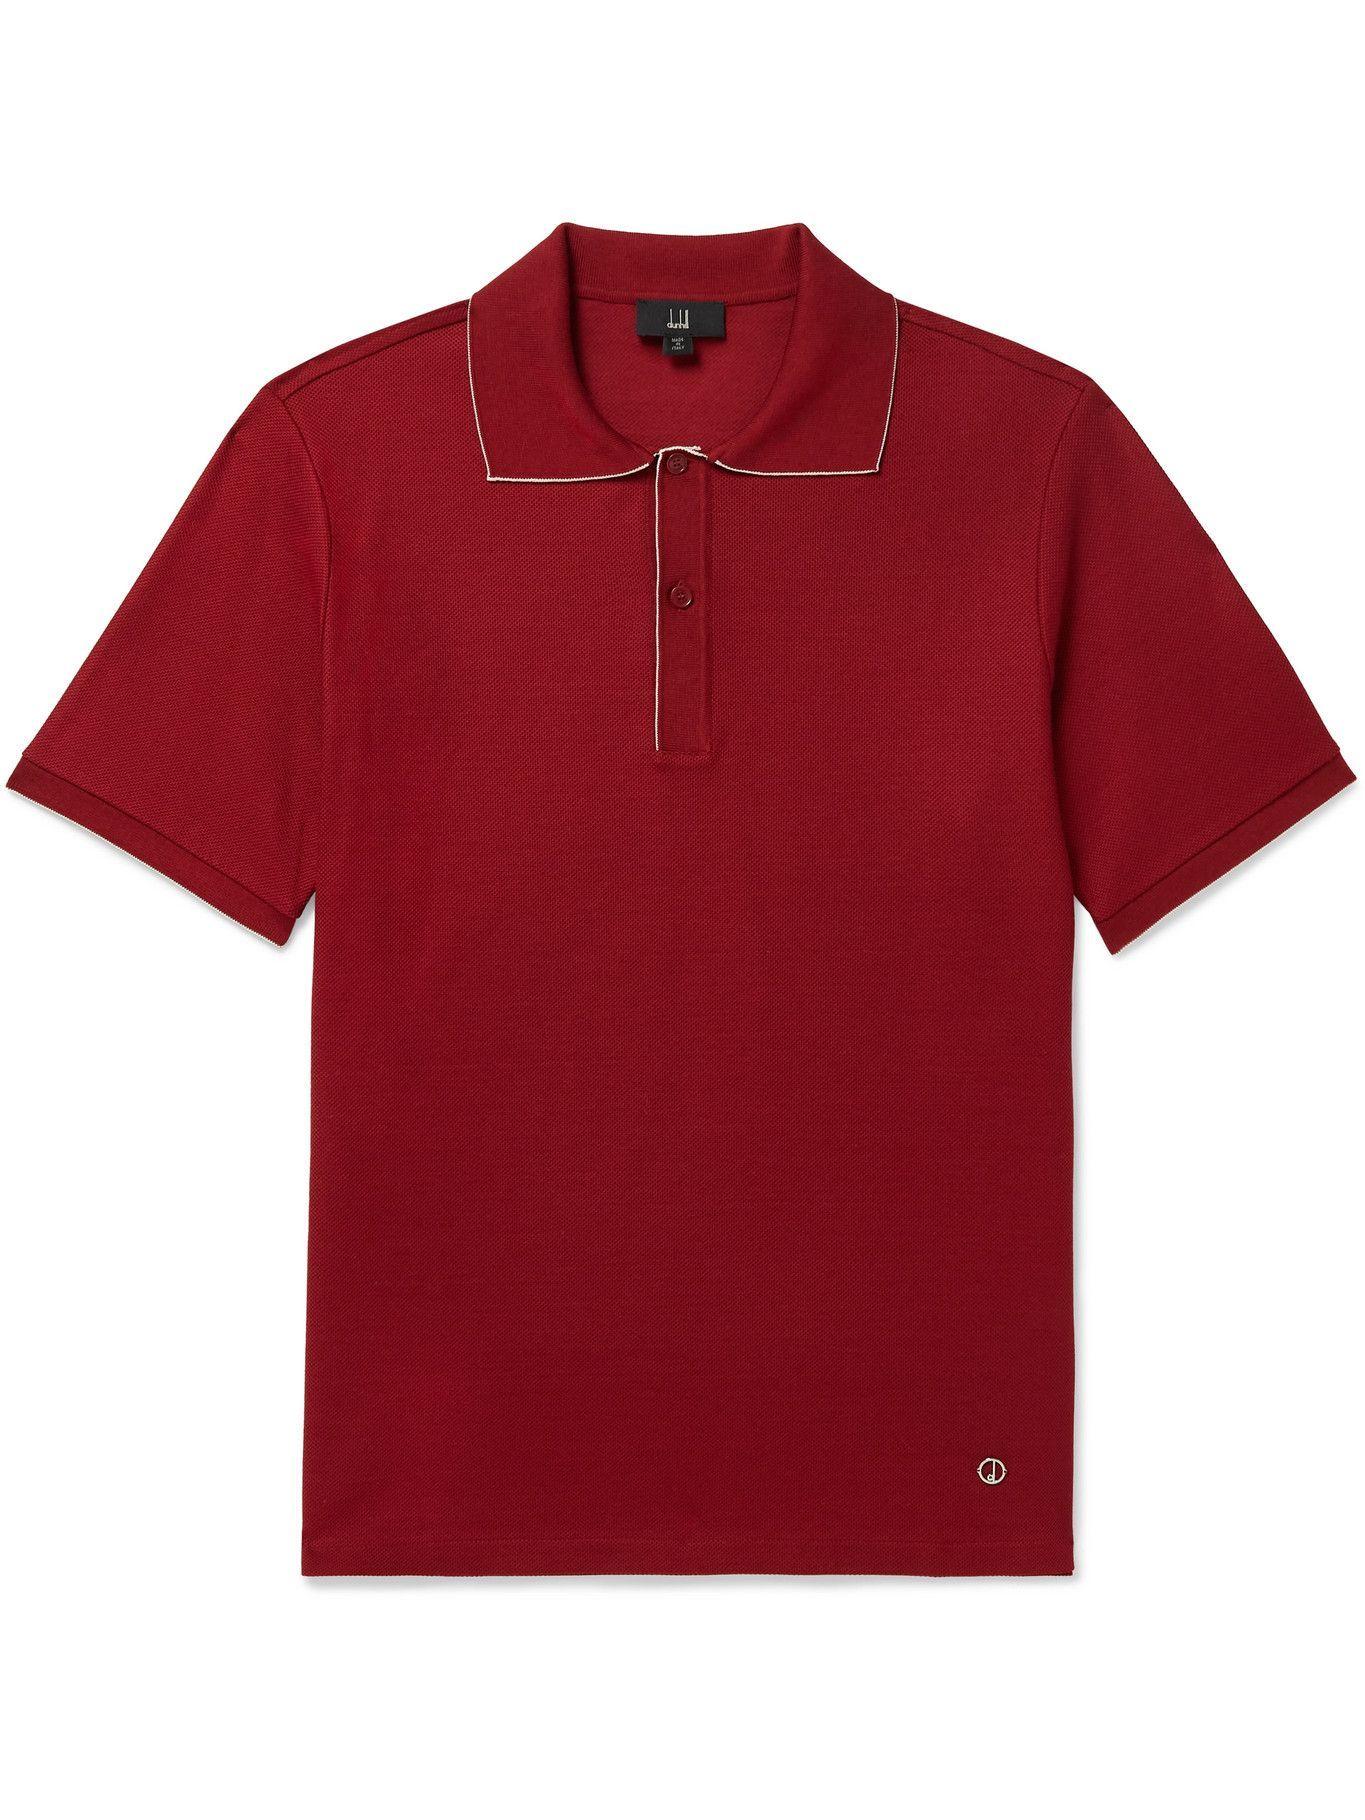 DUNHILL - Cotton-Piqué Polo Shirt - Red